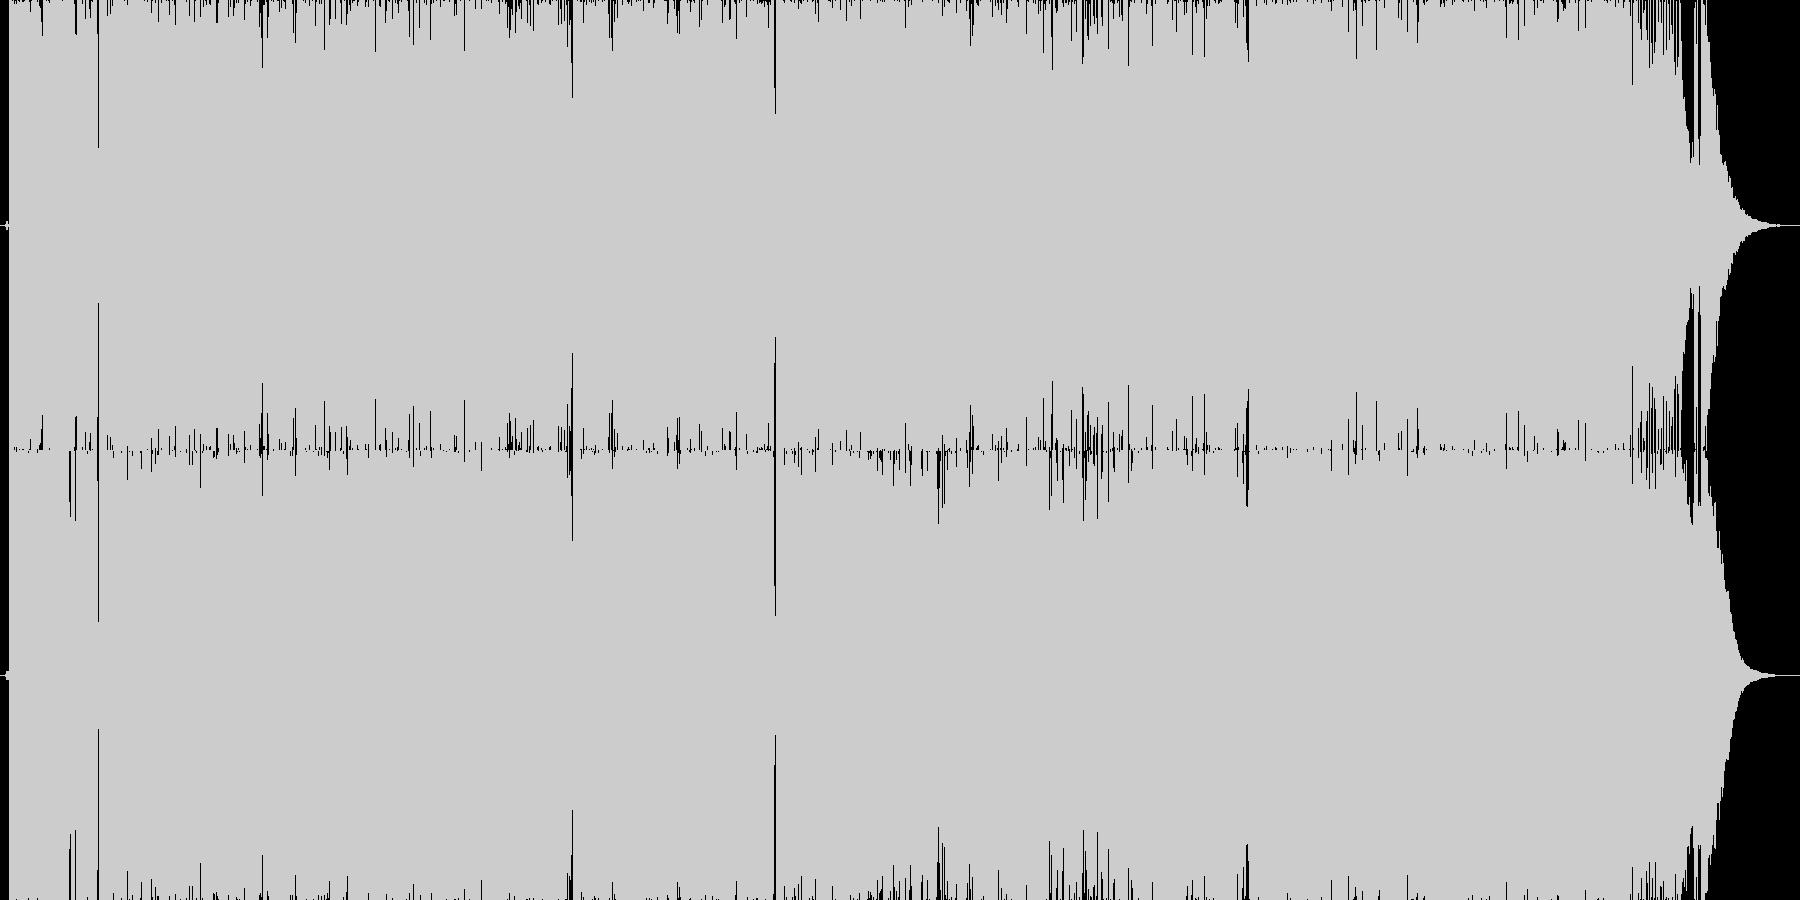 女性Vo.疾走感爆発ギターロック!!の未再生の波形